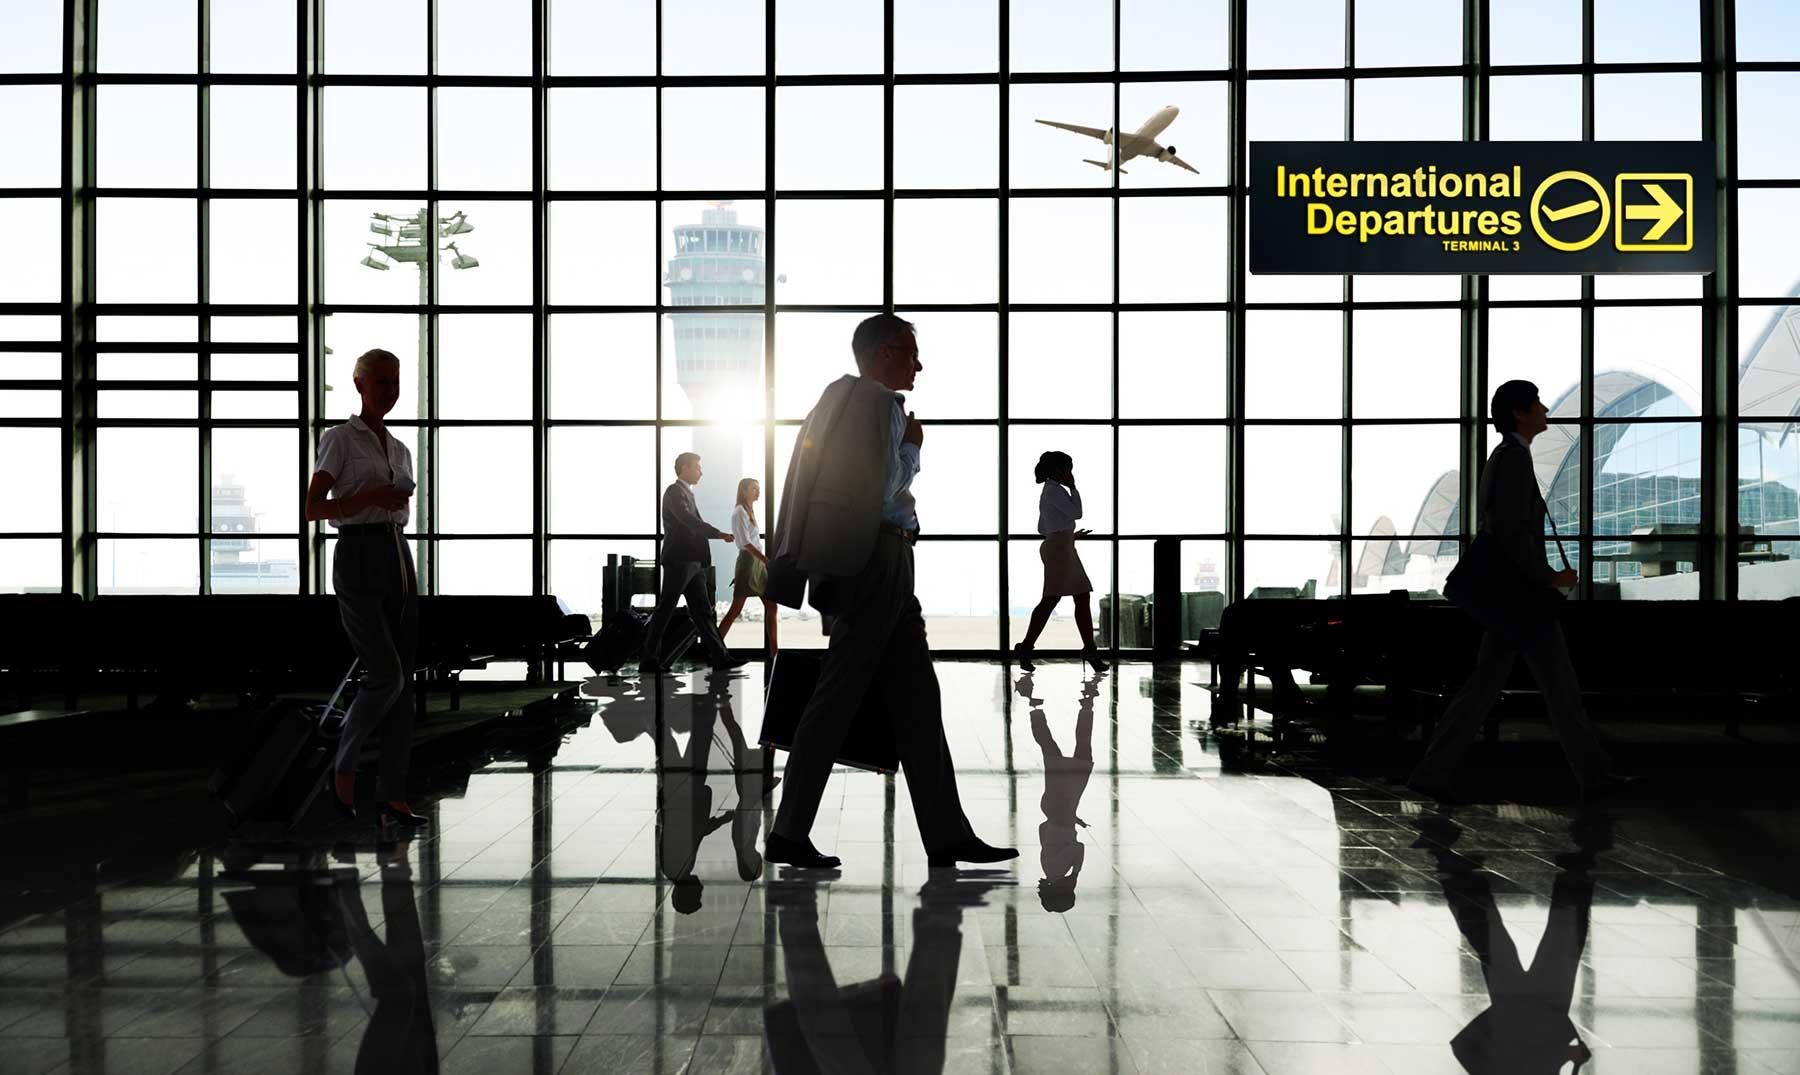 Cómo conseguir vuelos baratos a Canadá | Todas las claves